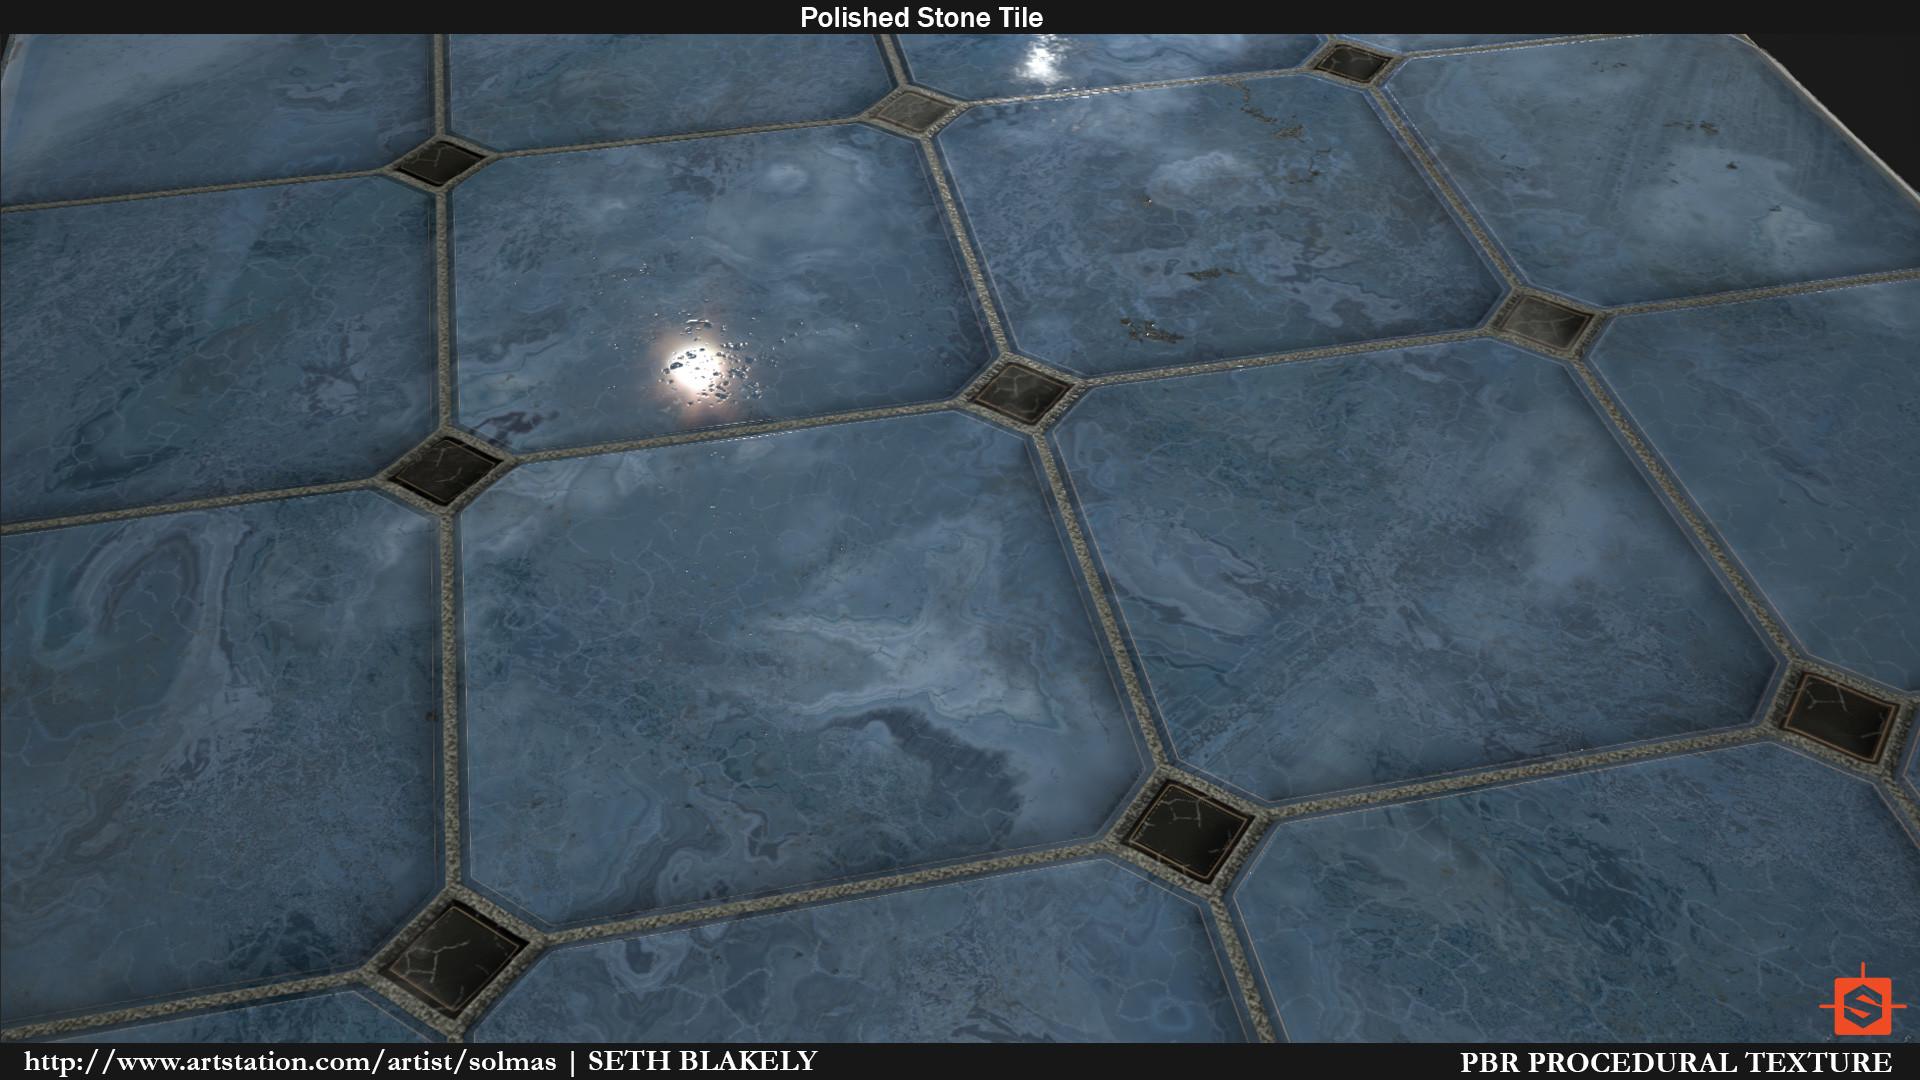 ArtStation - Polished Stone, Seth Blakely